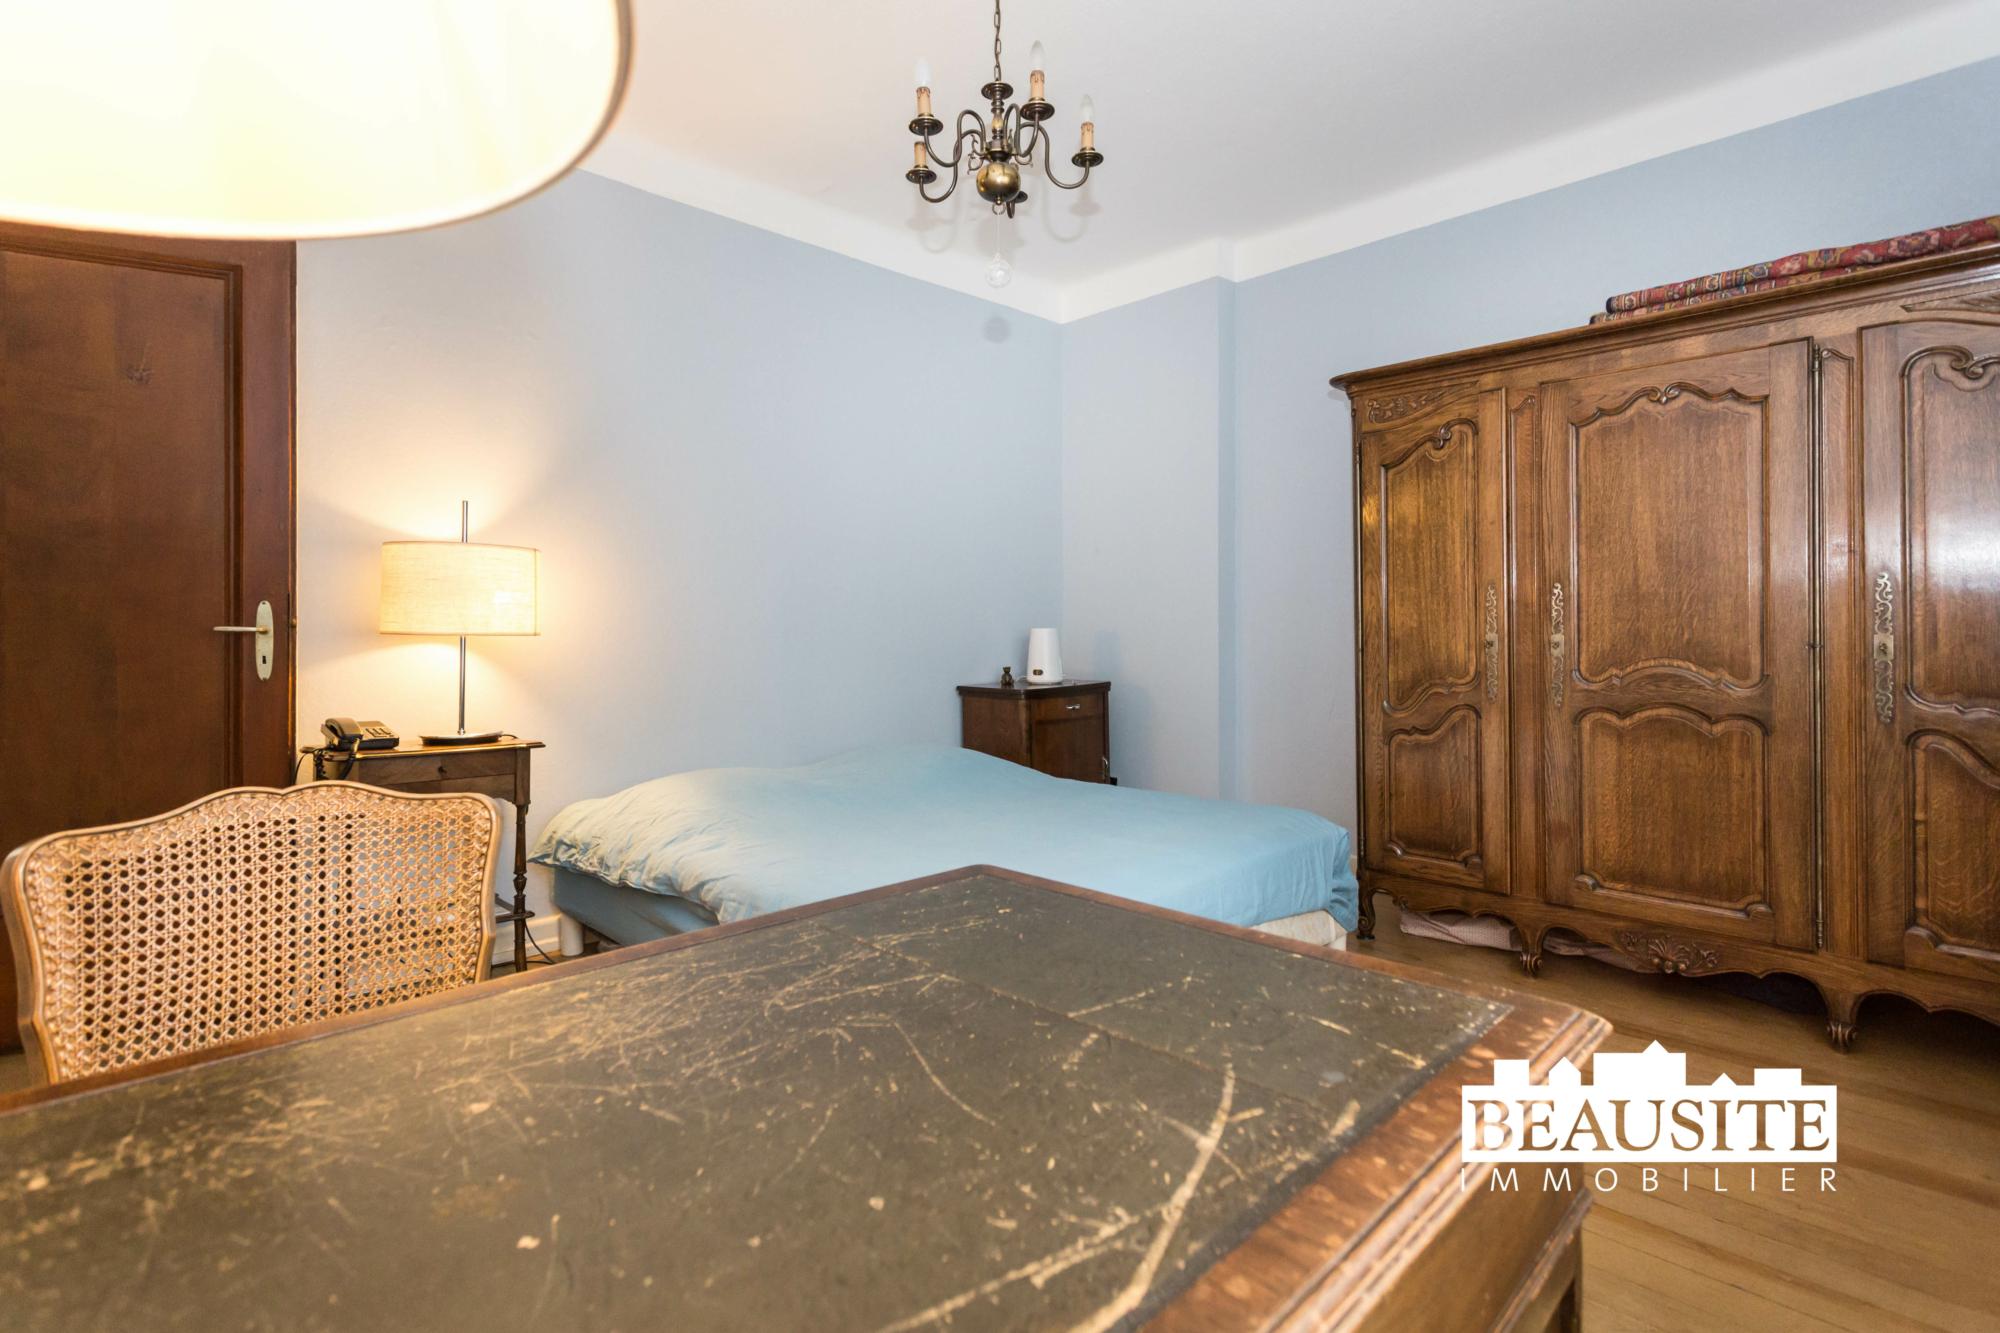 [Paquebot] Accostez dans un appartement à la vue sur la Cathédrale - Halles / rue de Bouxwiller - nos ventes - Beausite Immobilier 14